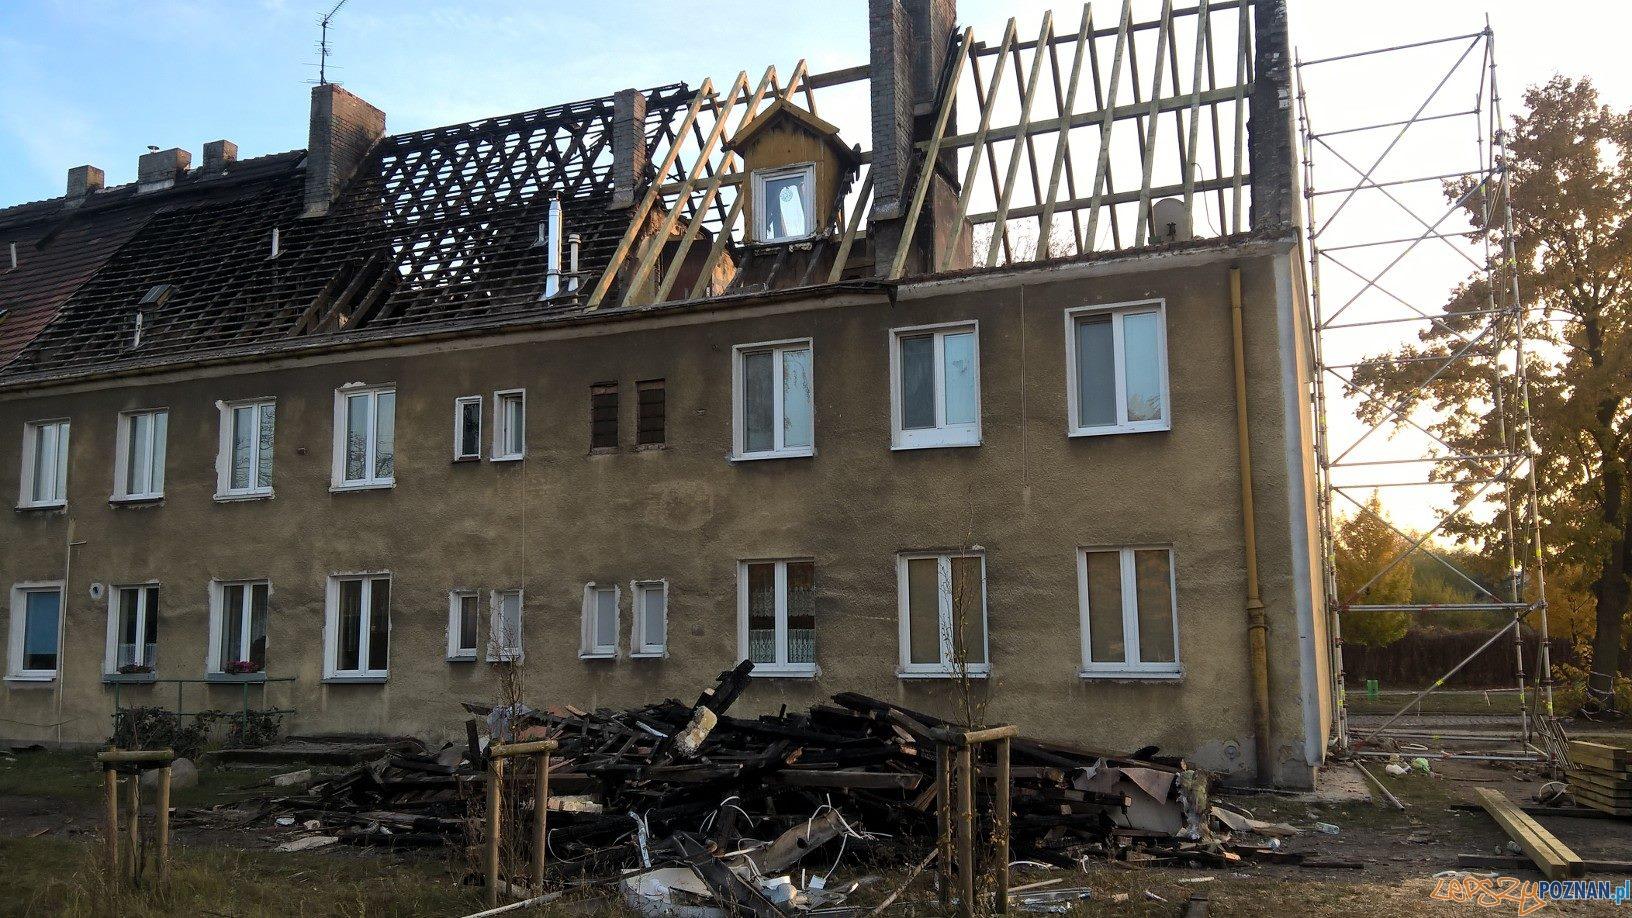 Trwa remont budynku po pożarze  Foto: Rada Osiedla Antoninek-Zieliniec-Kobylepole